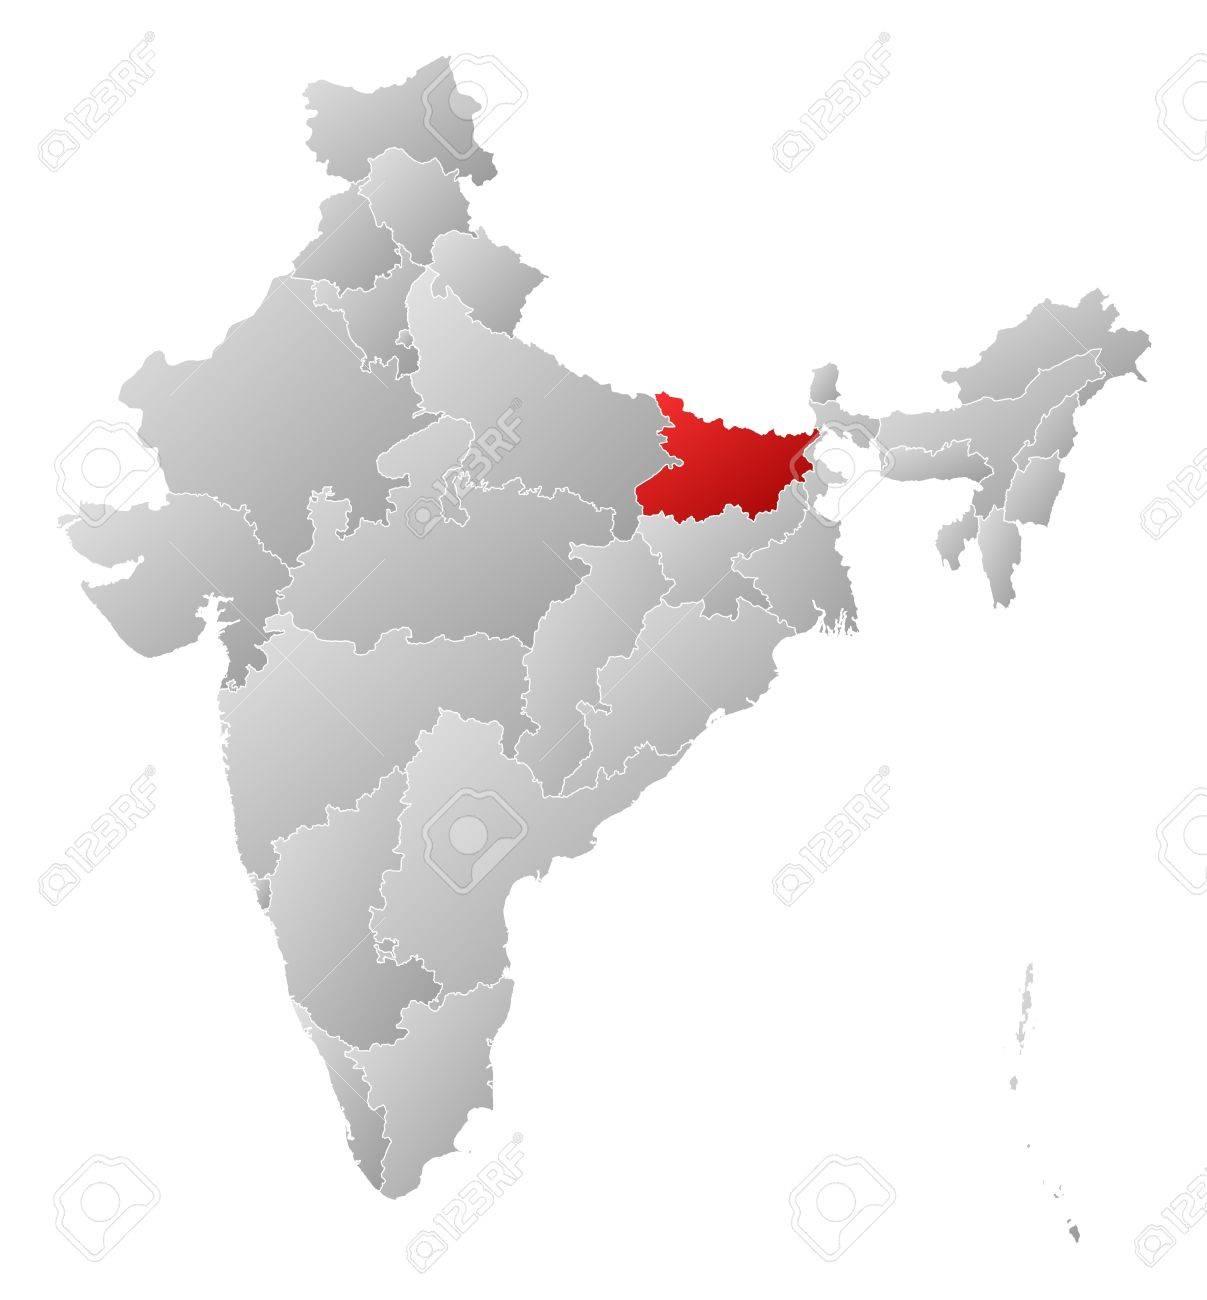 ビハール州は強調表示されますい...